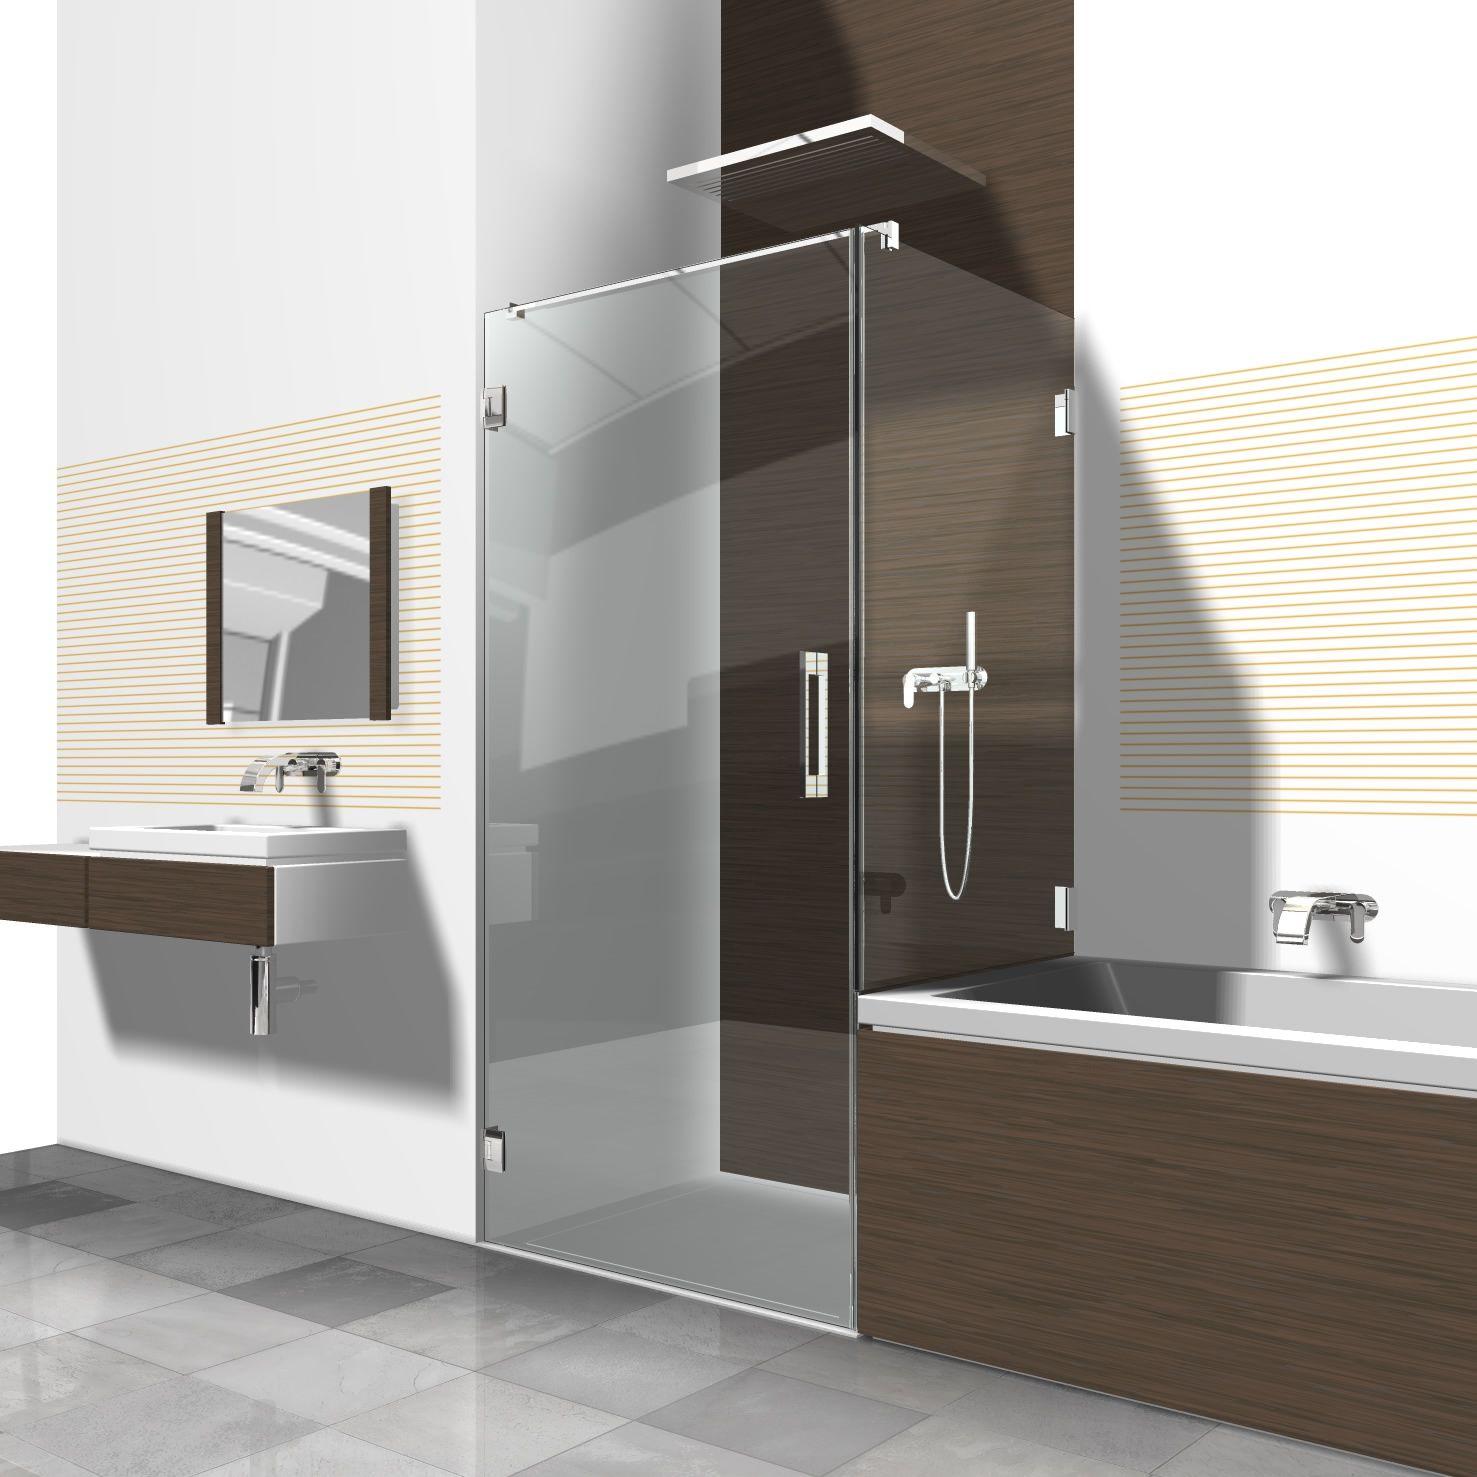 duschabtrennung dusche neben badewanne Eckduschen